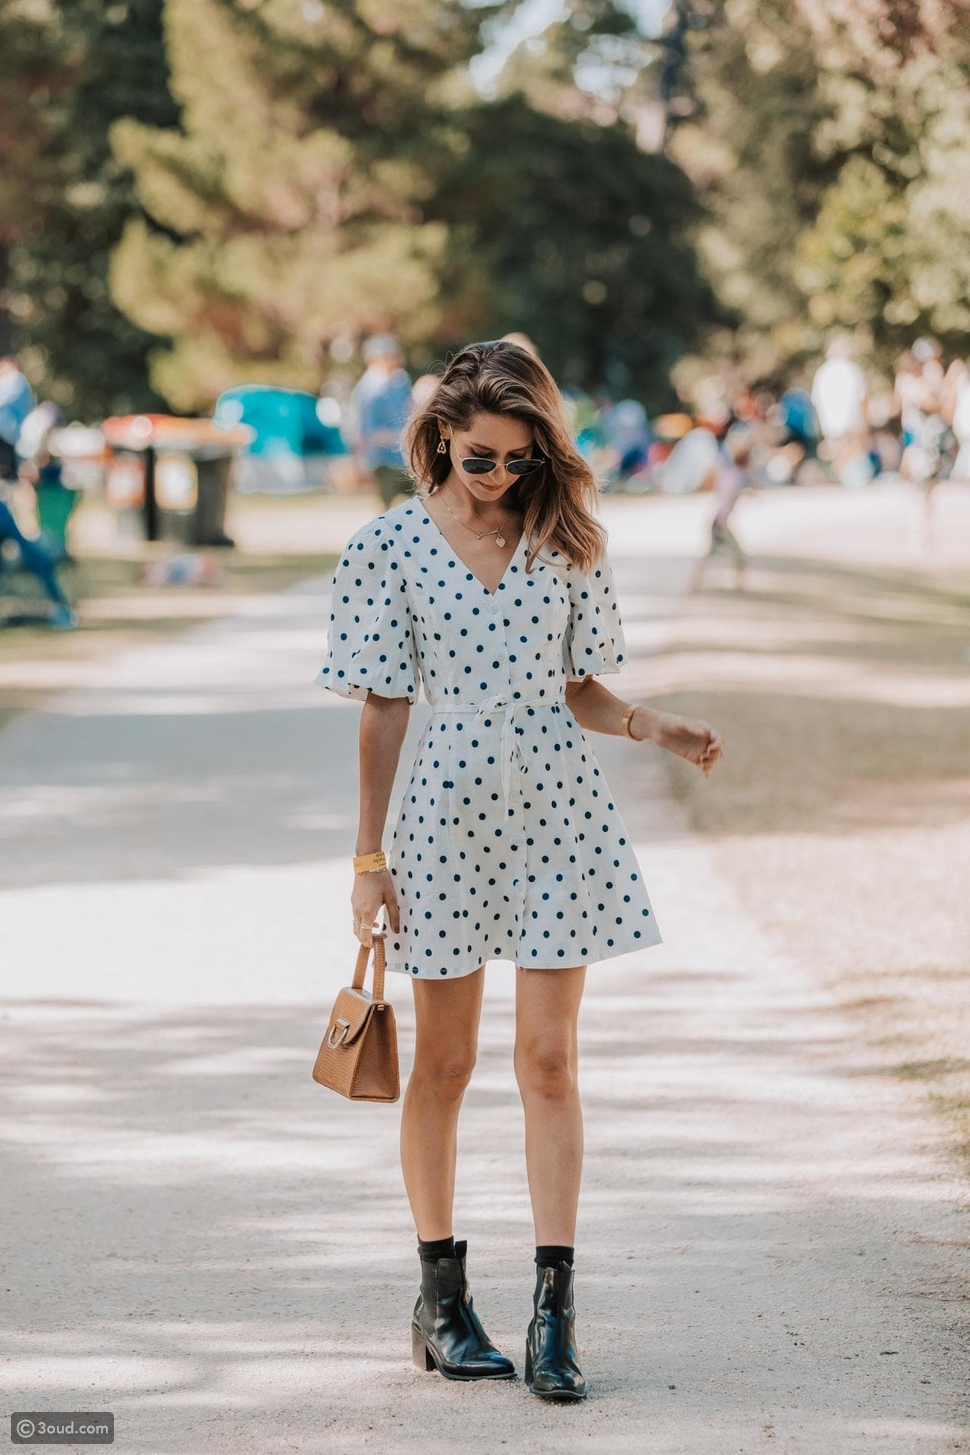 فساتين مزينة بنقاط البولكاPolka-Dot Dresses